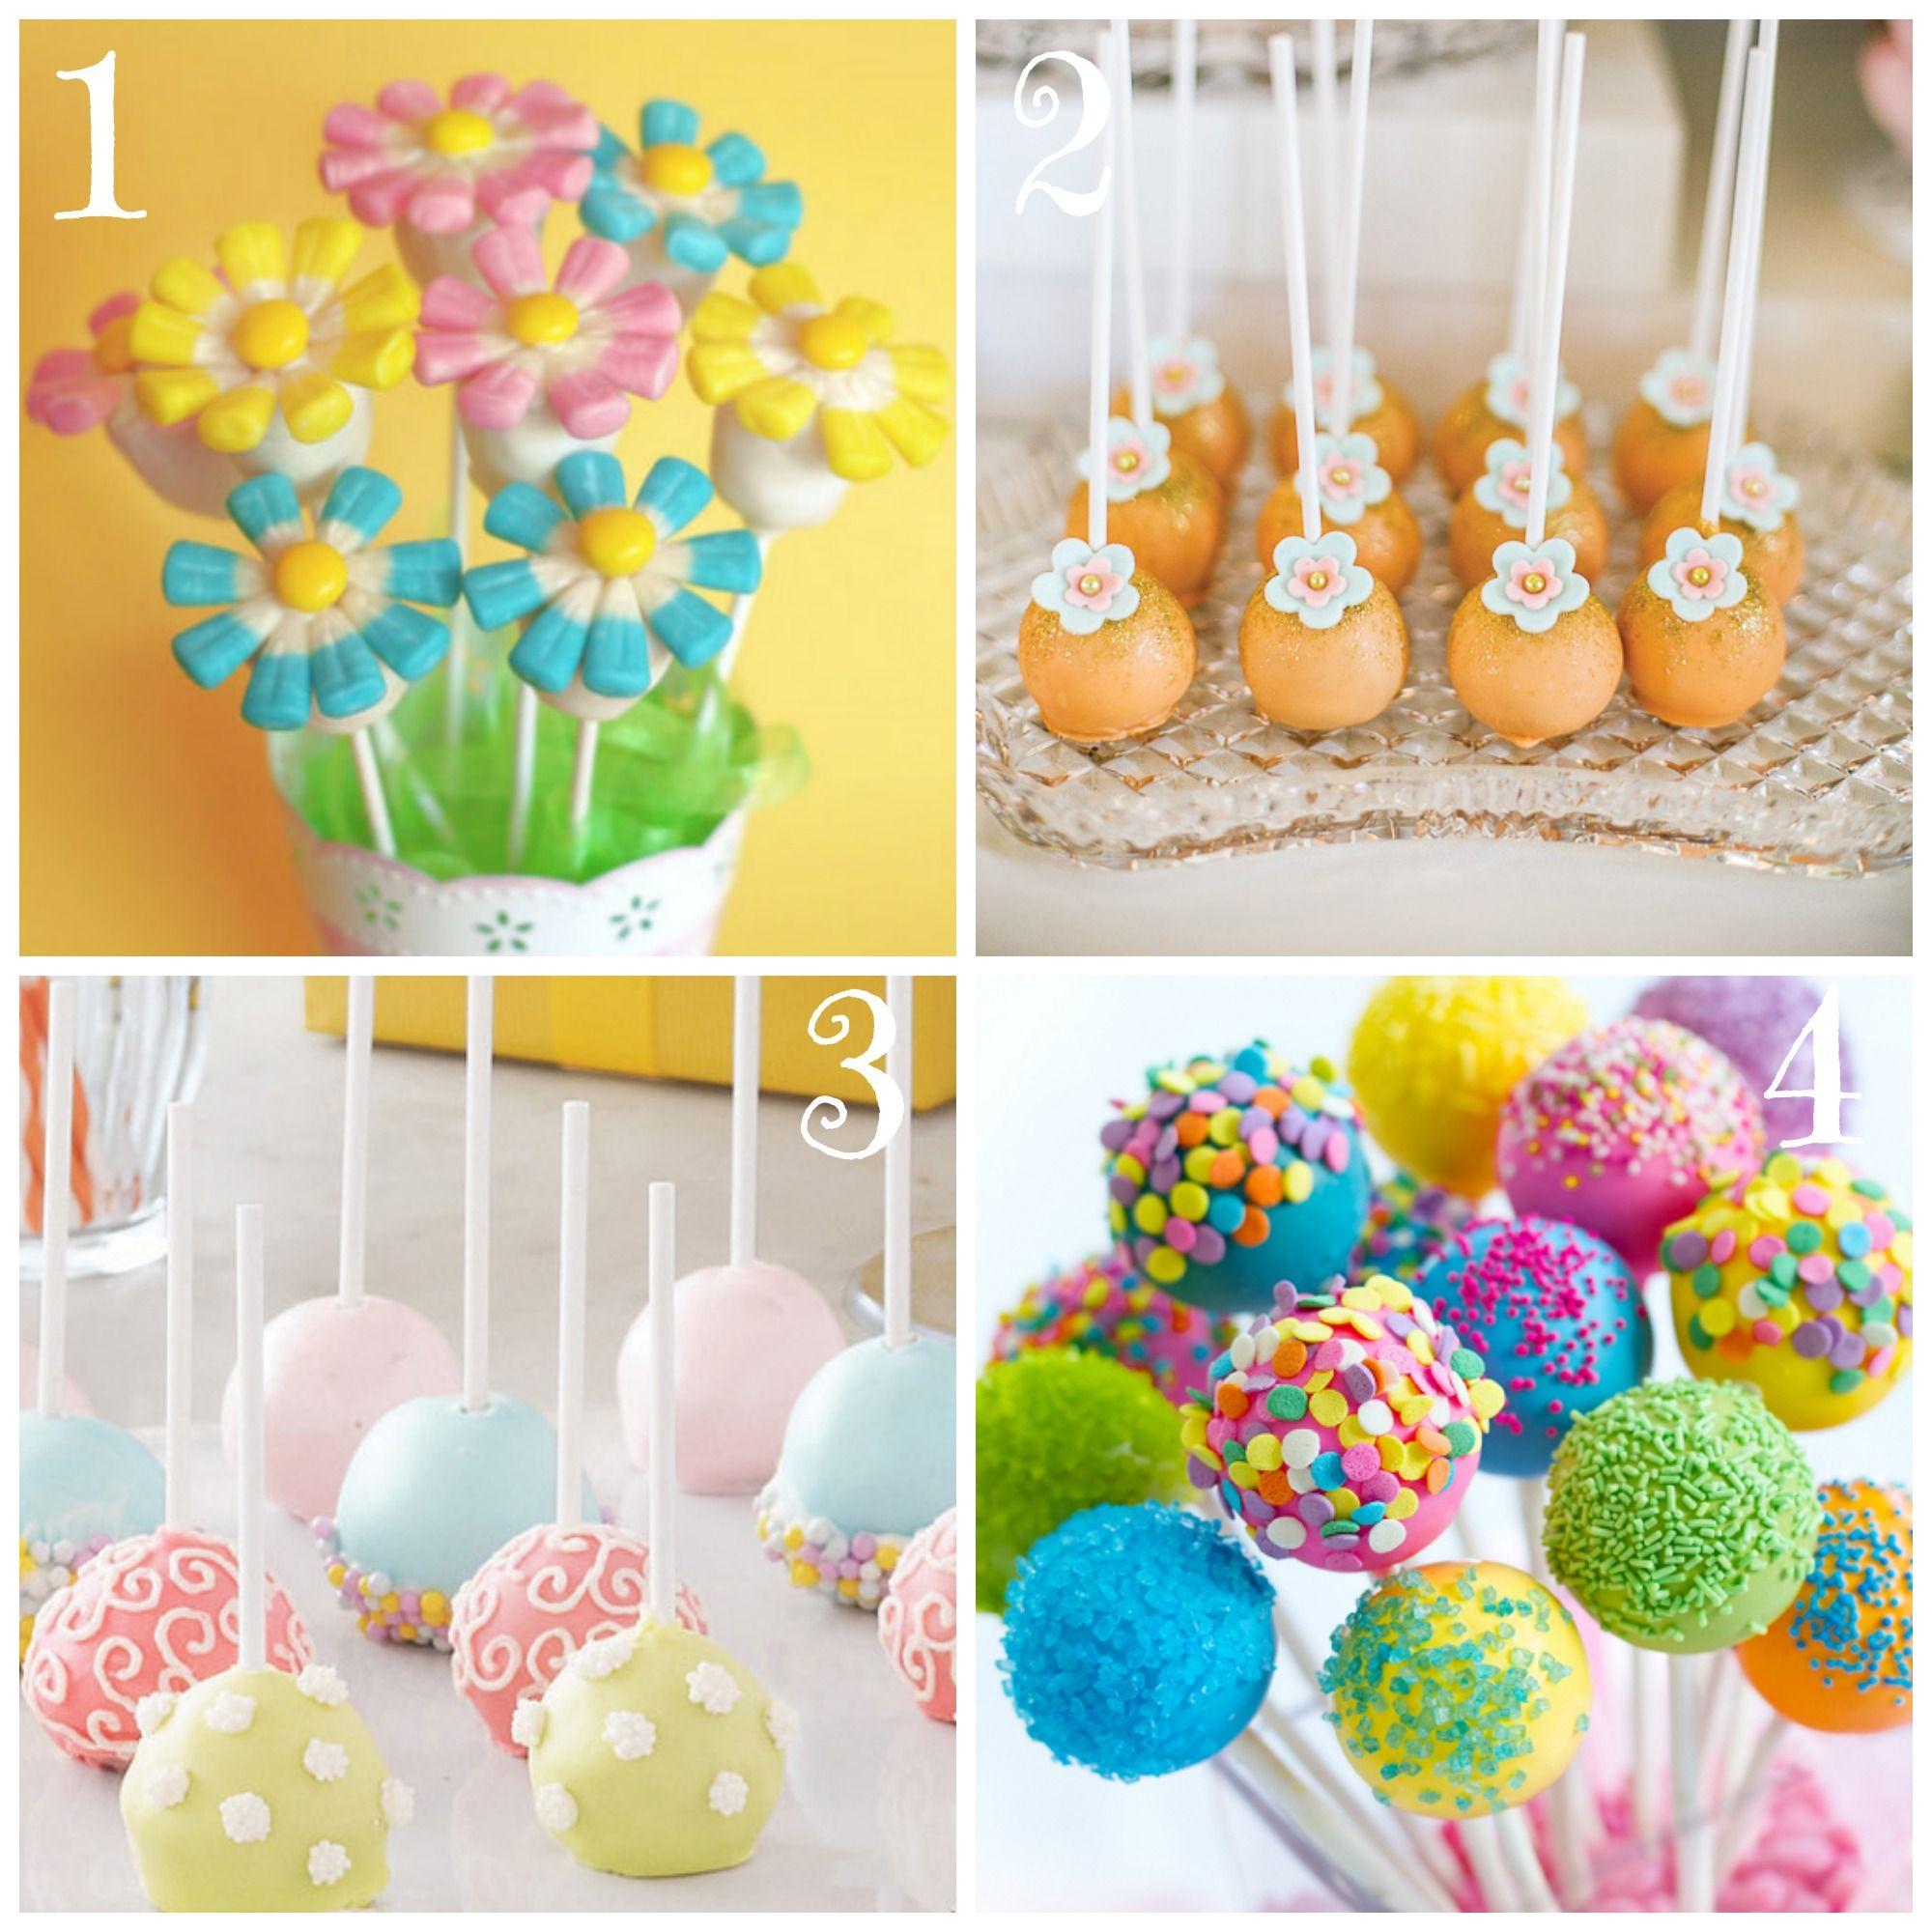 Top 8 Festive Spring Cake Pops